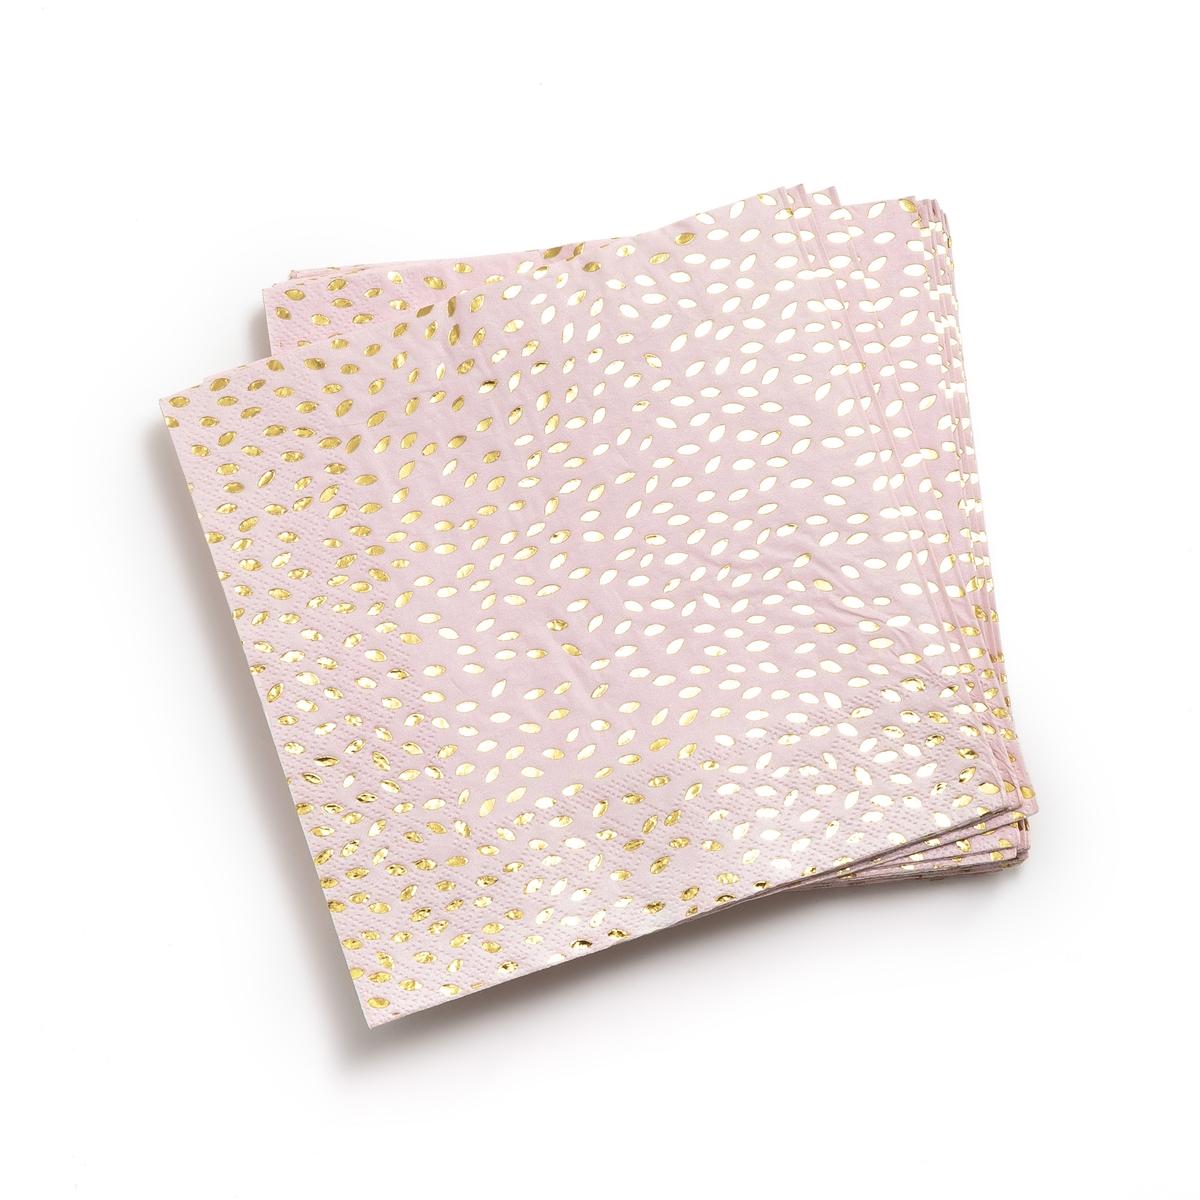 Салфетка бумажная F?LIA (16 шт.)Описание:16 бумажных салфеток La Redoute Interieurs с праздничным рисунком.Характеристики 16 бумажных салфеток •  Из бумаги •  Розового цвета с рисунком листья, золотистого цветаРазмеры 16 бумажных салфеток •  Размеры 33 x 33 смВсю коллекцию столового декора вы найдете на сайте laredoute.<br><br>Цвет: рисунок золотистый